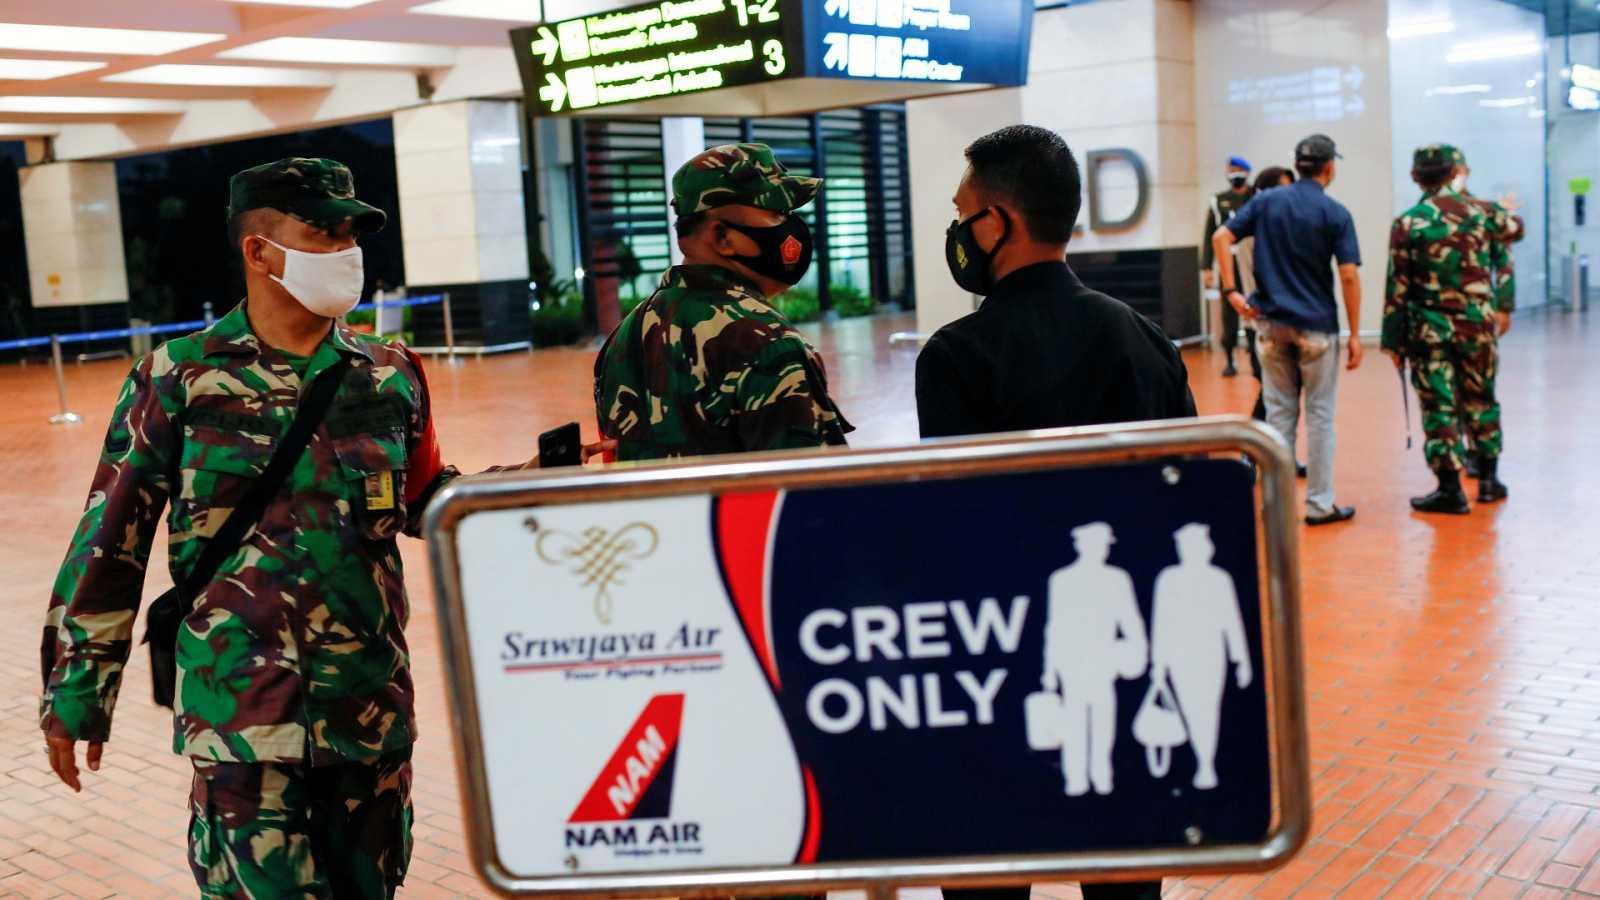 Aeropuerto de Yakarta del que despegó el avión siniestrado de Sriwijaya Air, con más de 50 personas a bordo